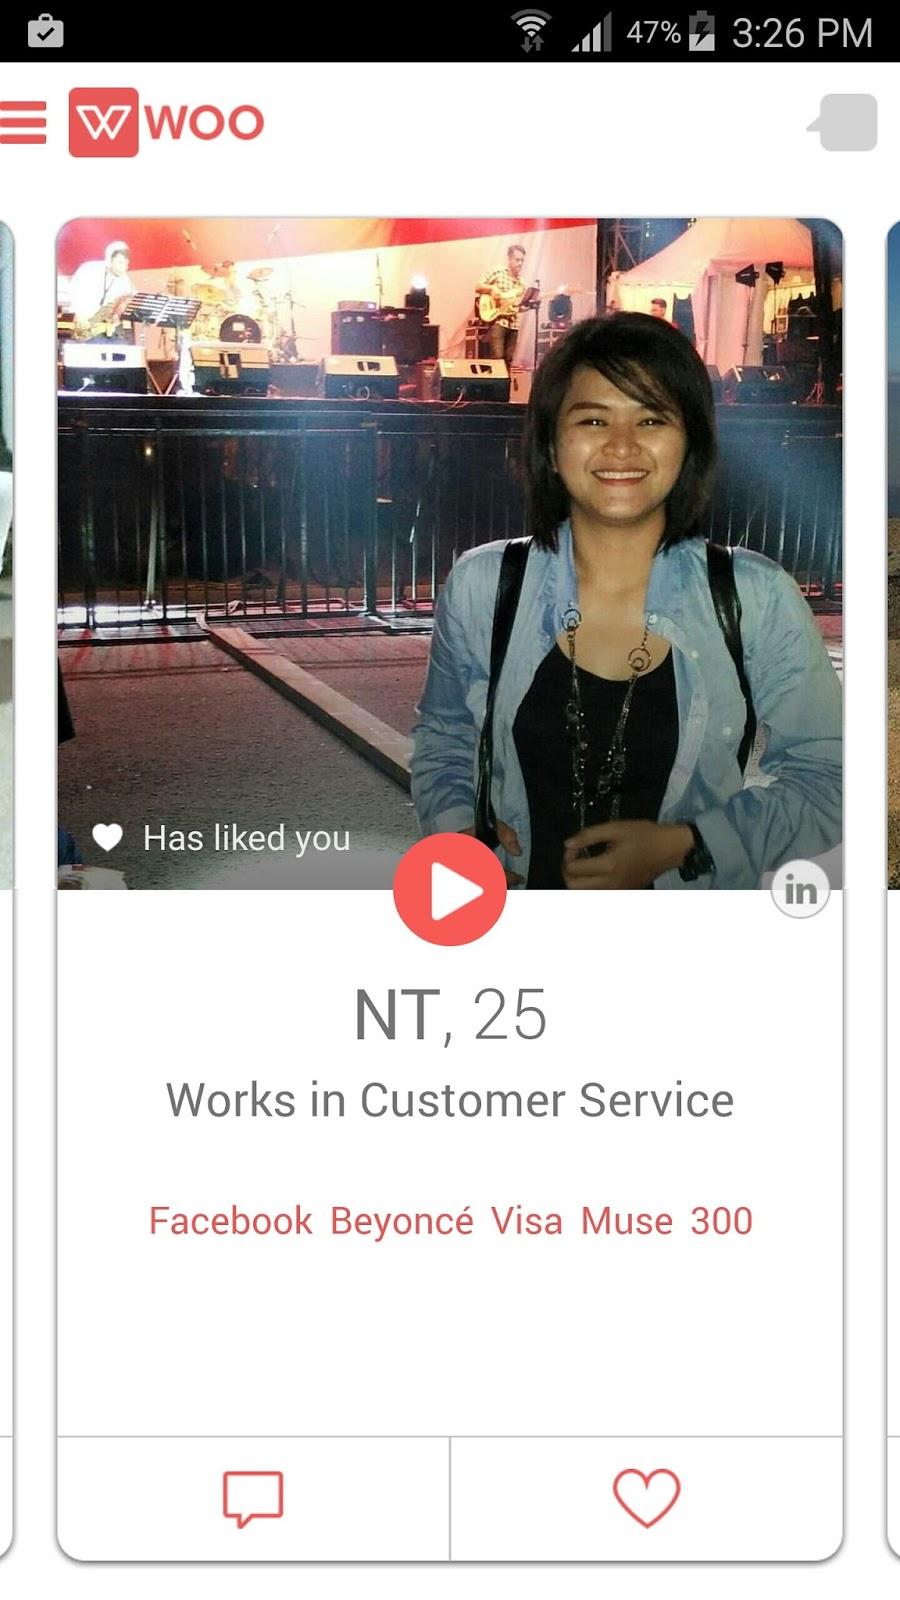 Blog Indonesia Page 2304 Of 2306 Tcash Vaganza 17 Varka V189 Sepatu Casual Dan Olahraga Wanita Gue Sendiri Udah Nyobain Kemarin Buat Download Make Nih Applikasi Dalam Sehari Dapet Beberapa Cewek Yang Nge Like Profile